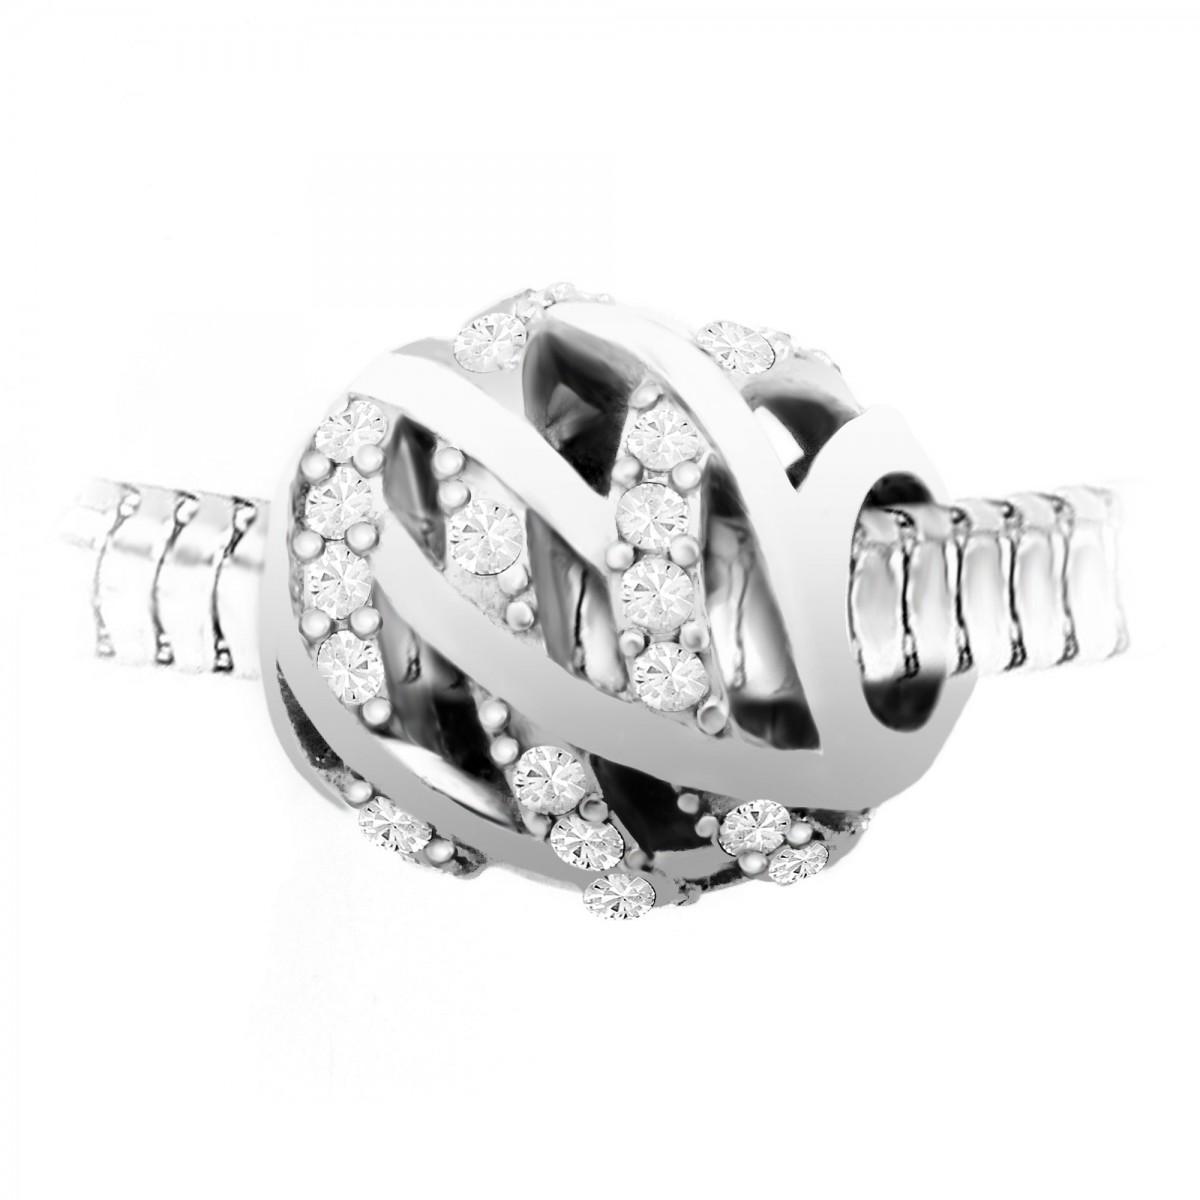 BEA0062 Charm perle orné de cristaux de Bohème par So Charm